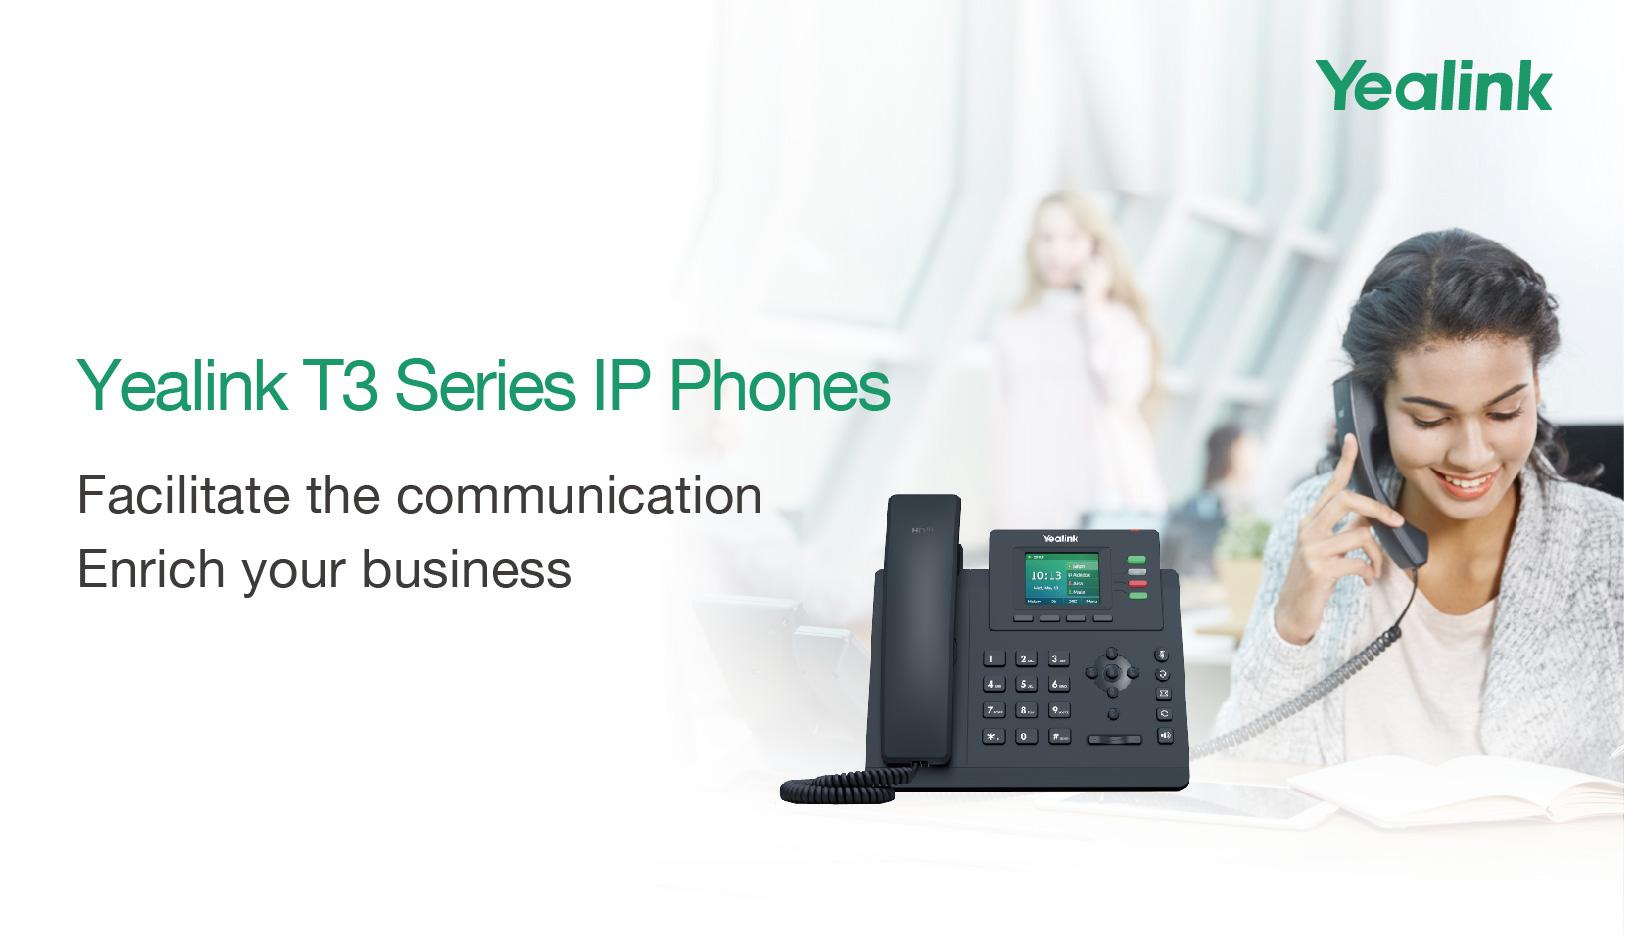 Yealink New Product Release: Yealink T3 Series IP Phones